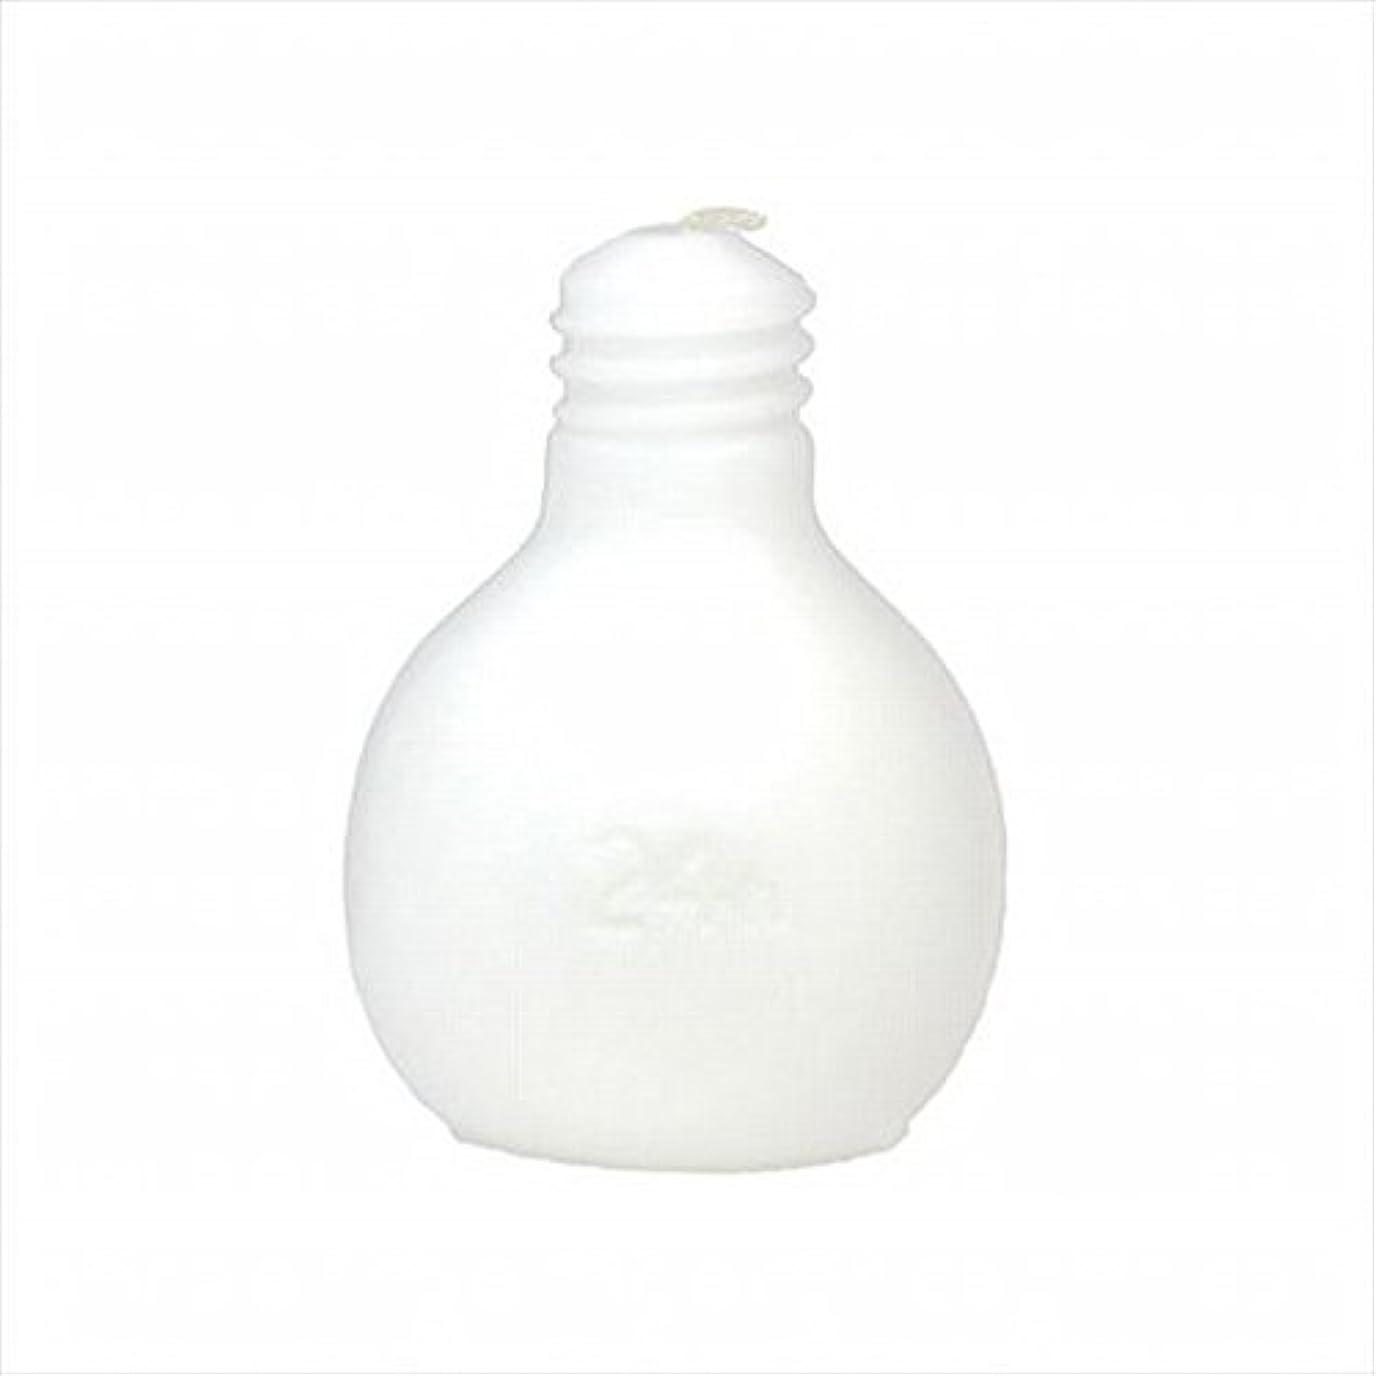 寝室プロフィール爵kameyama candle(カメヤマキャンドル) 節電球キャンドル 「 ホワイト 」 キャンドル 75x75x98mm (A4220000W)